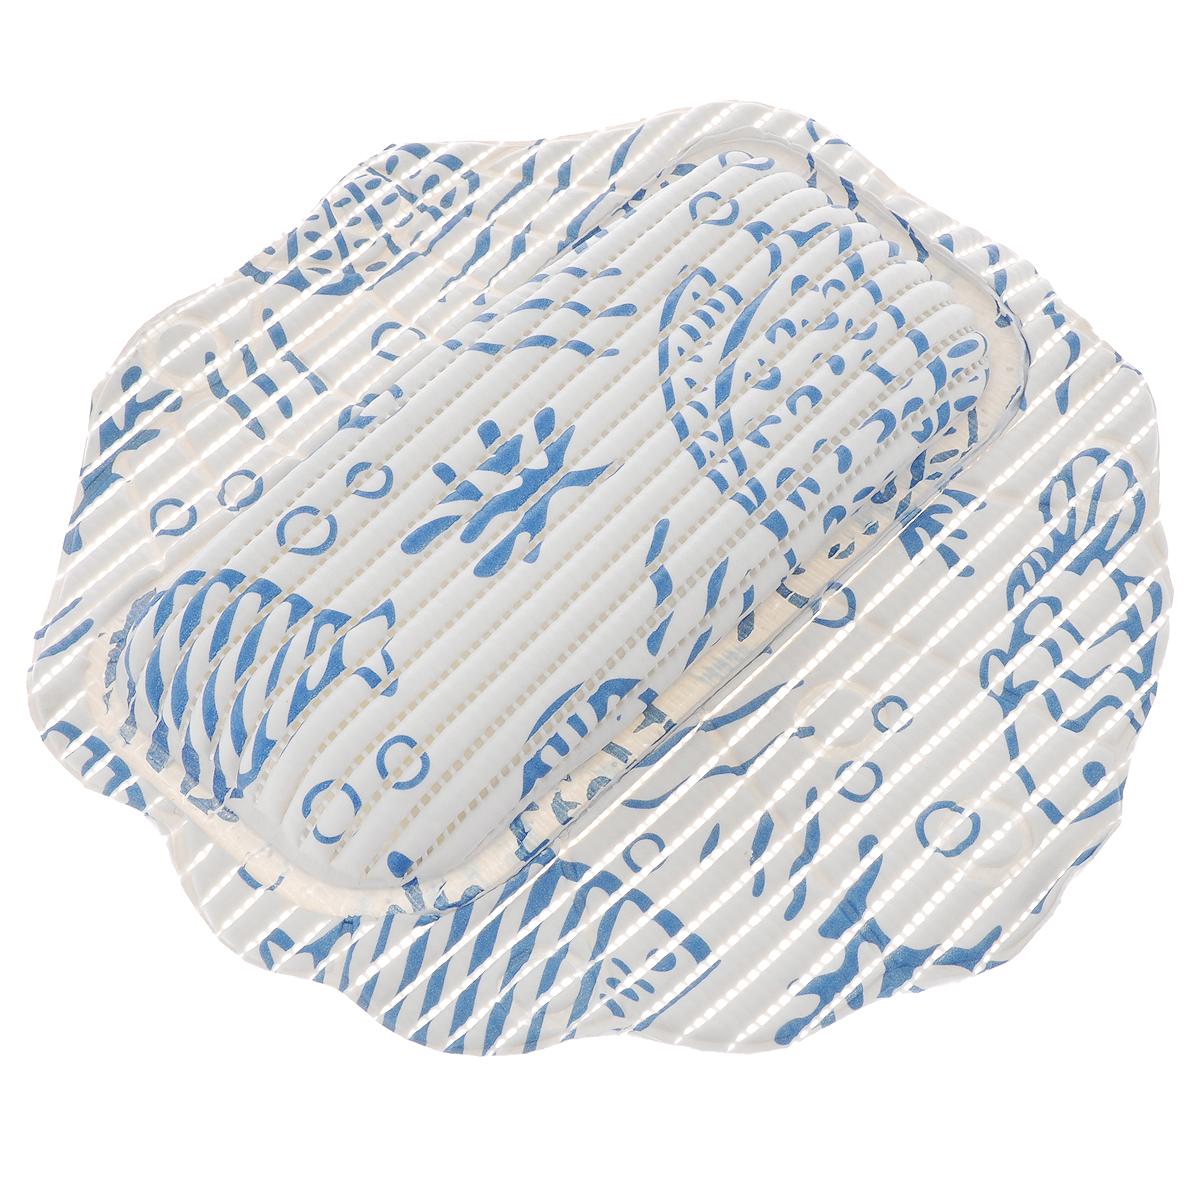 Подушка для ванны Fresh Code Flexy, на присосках, цвет: белый, синий, 33 х 33 см68/5/3Подушка для ванны Fresh Code Flexy обеспечивает комфорт во время принятия ванны. Крепится на поверхность ванной с помощью присосок. Выполнена из ПВХ.